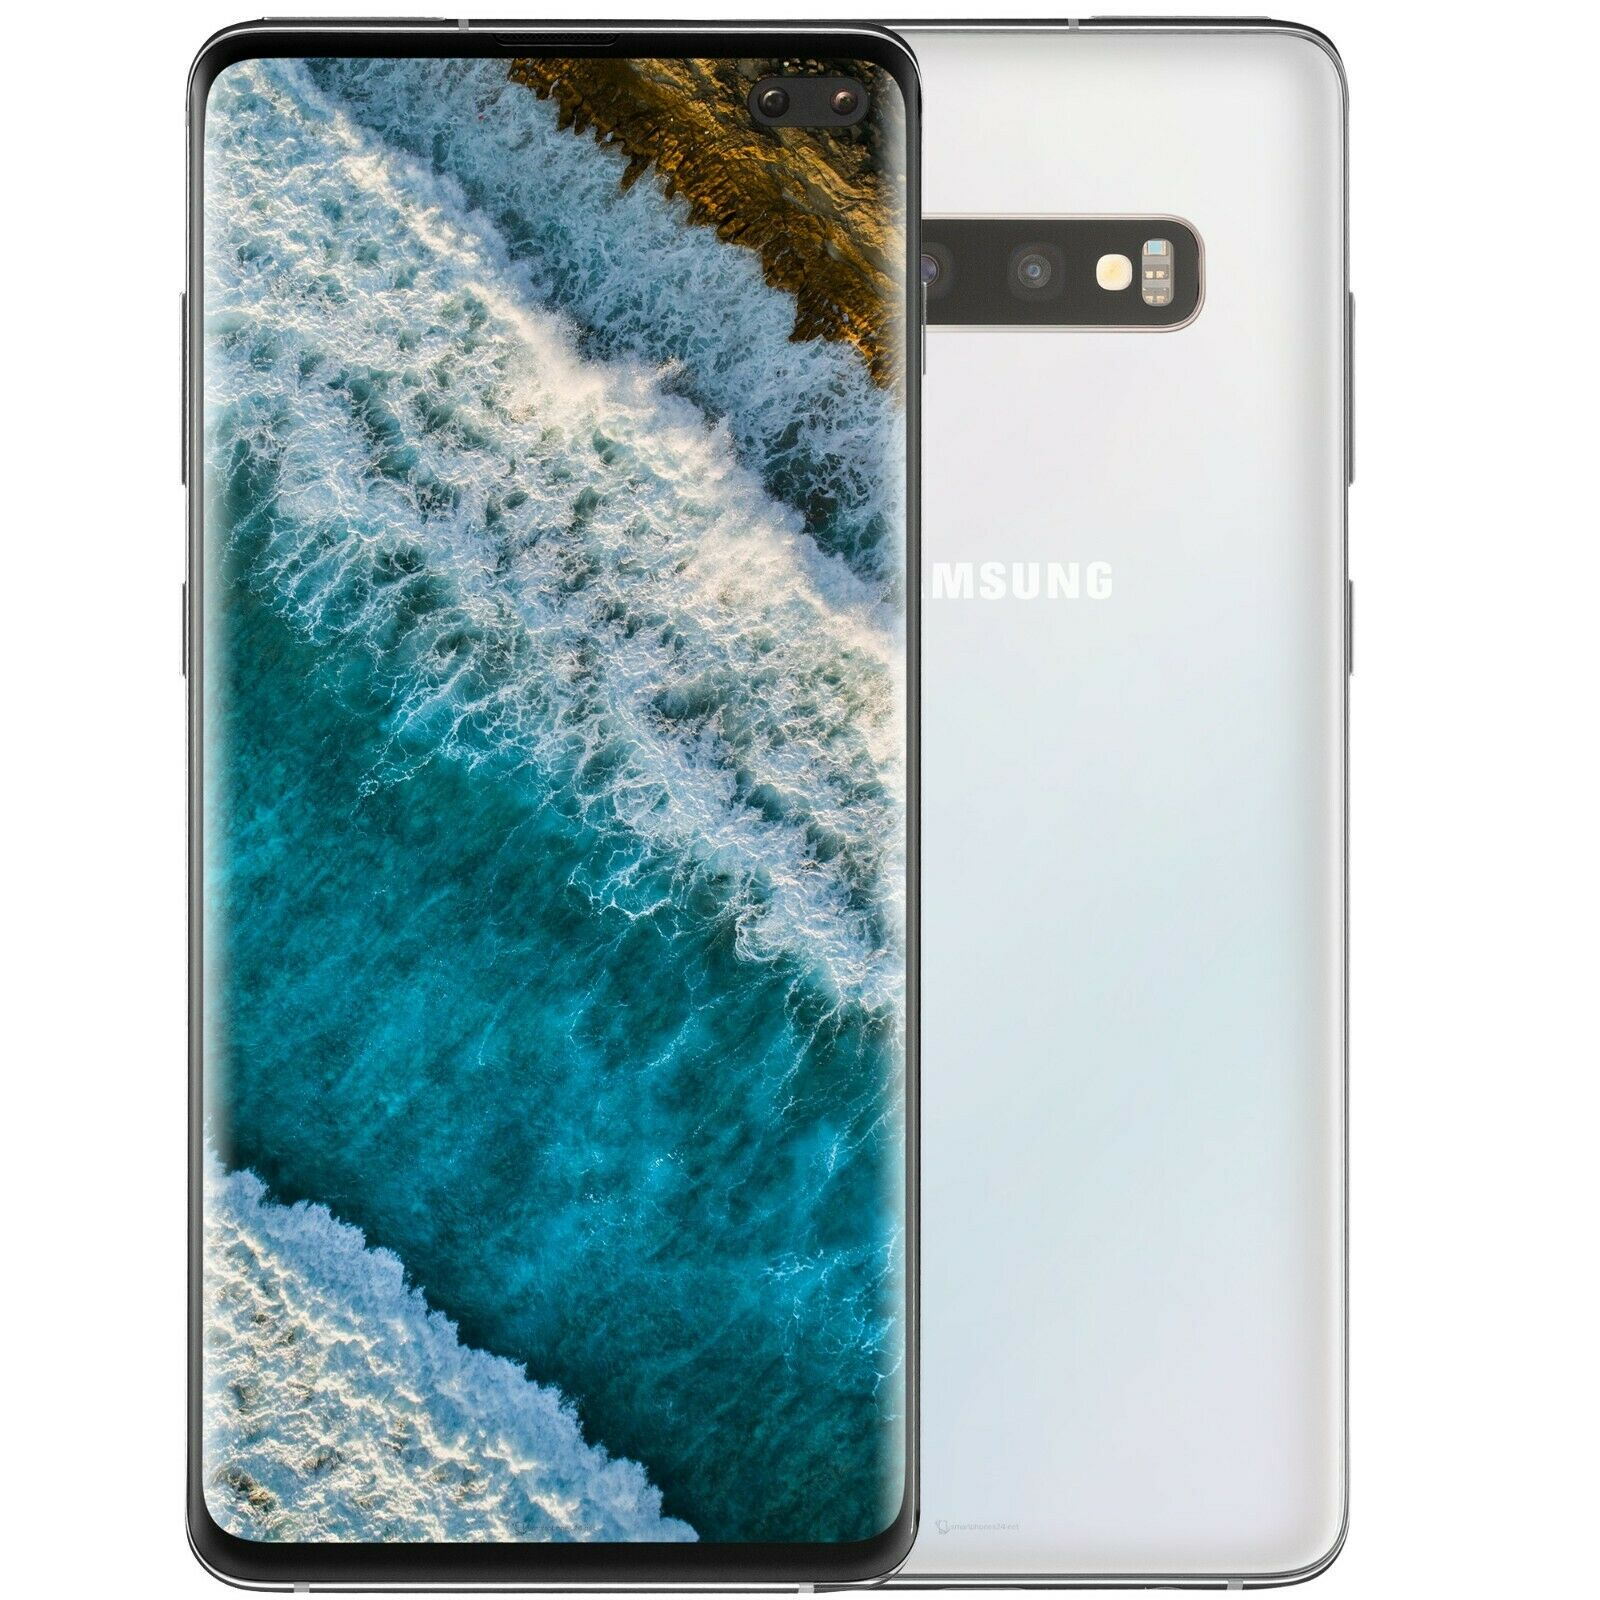 Verpackung OHNE Gerät Samsung  Galaxy S10 Original BOX mit Zubehör Weiss